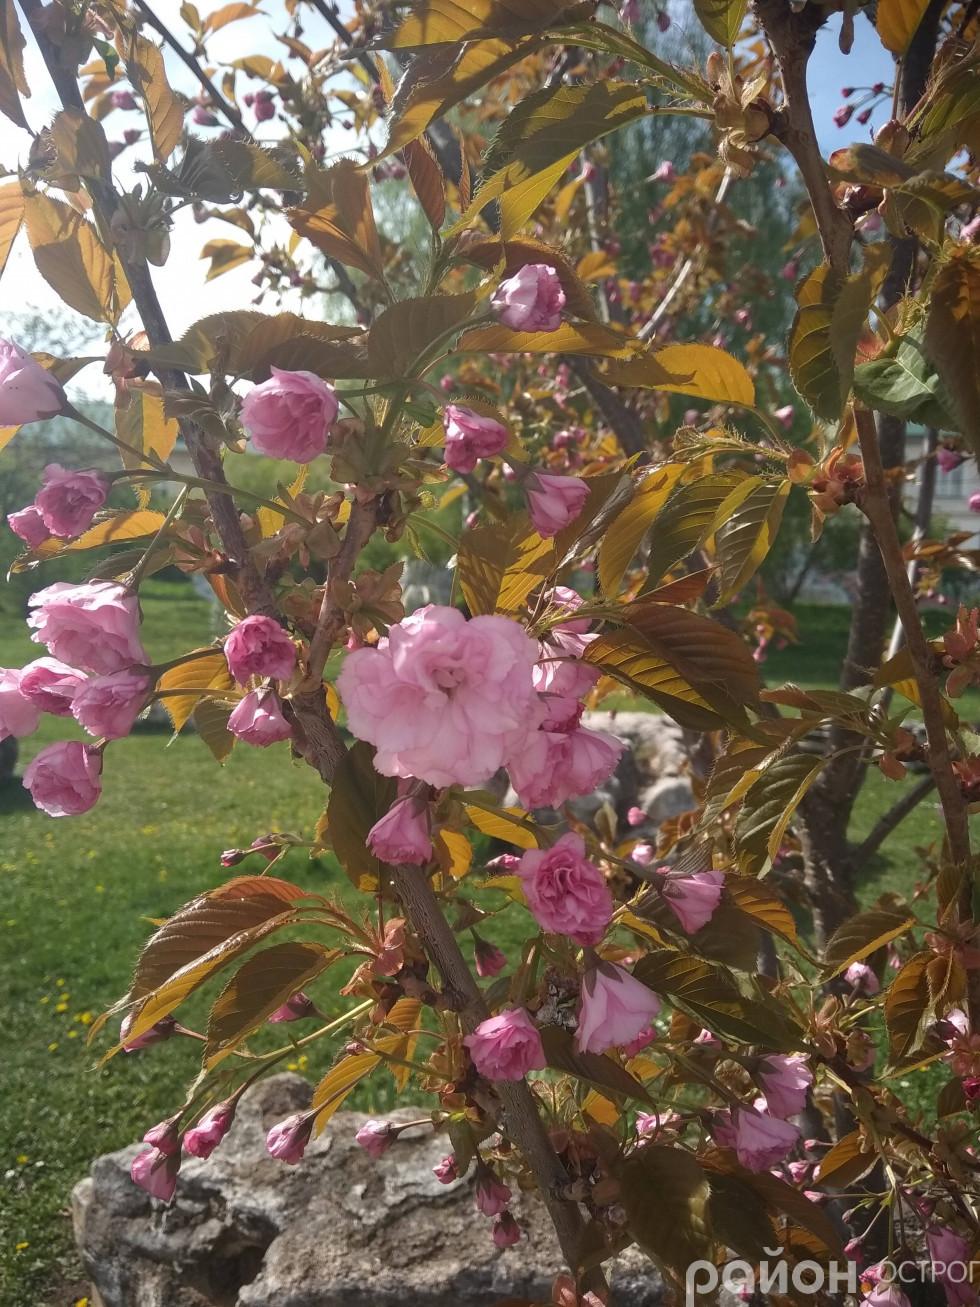 Ніжні квіти милують око